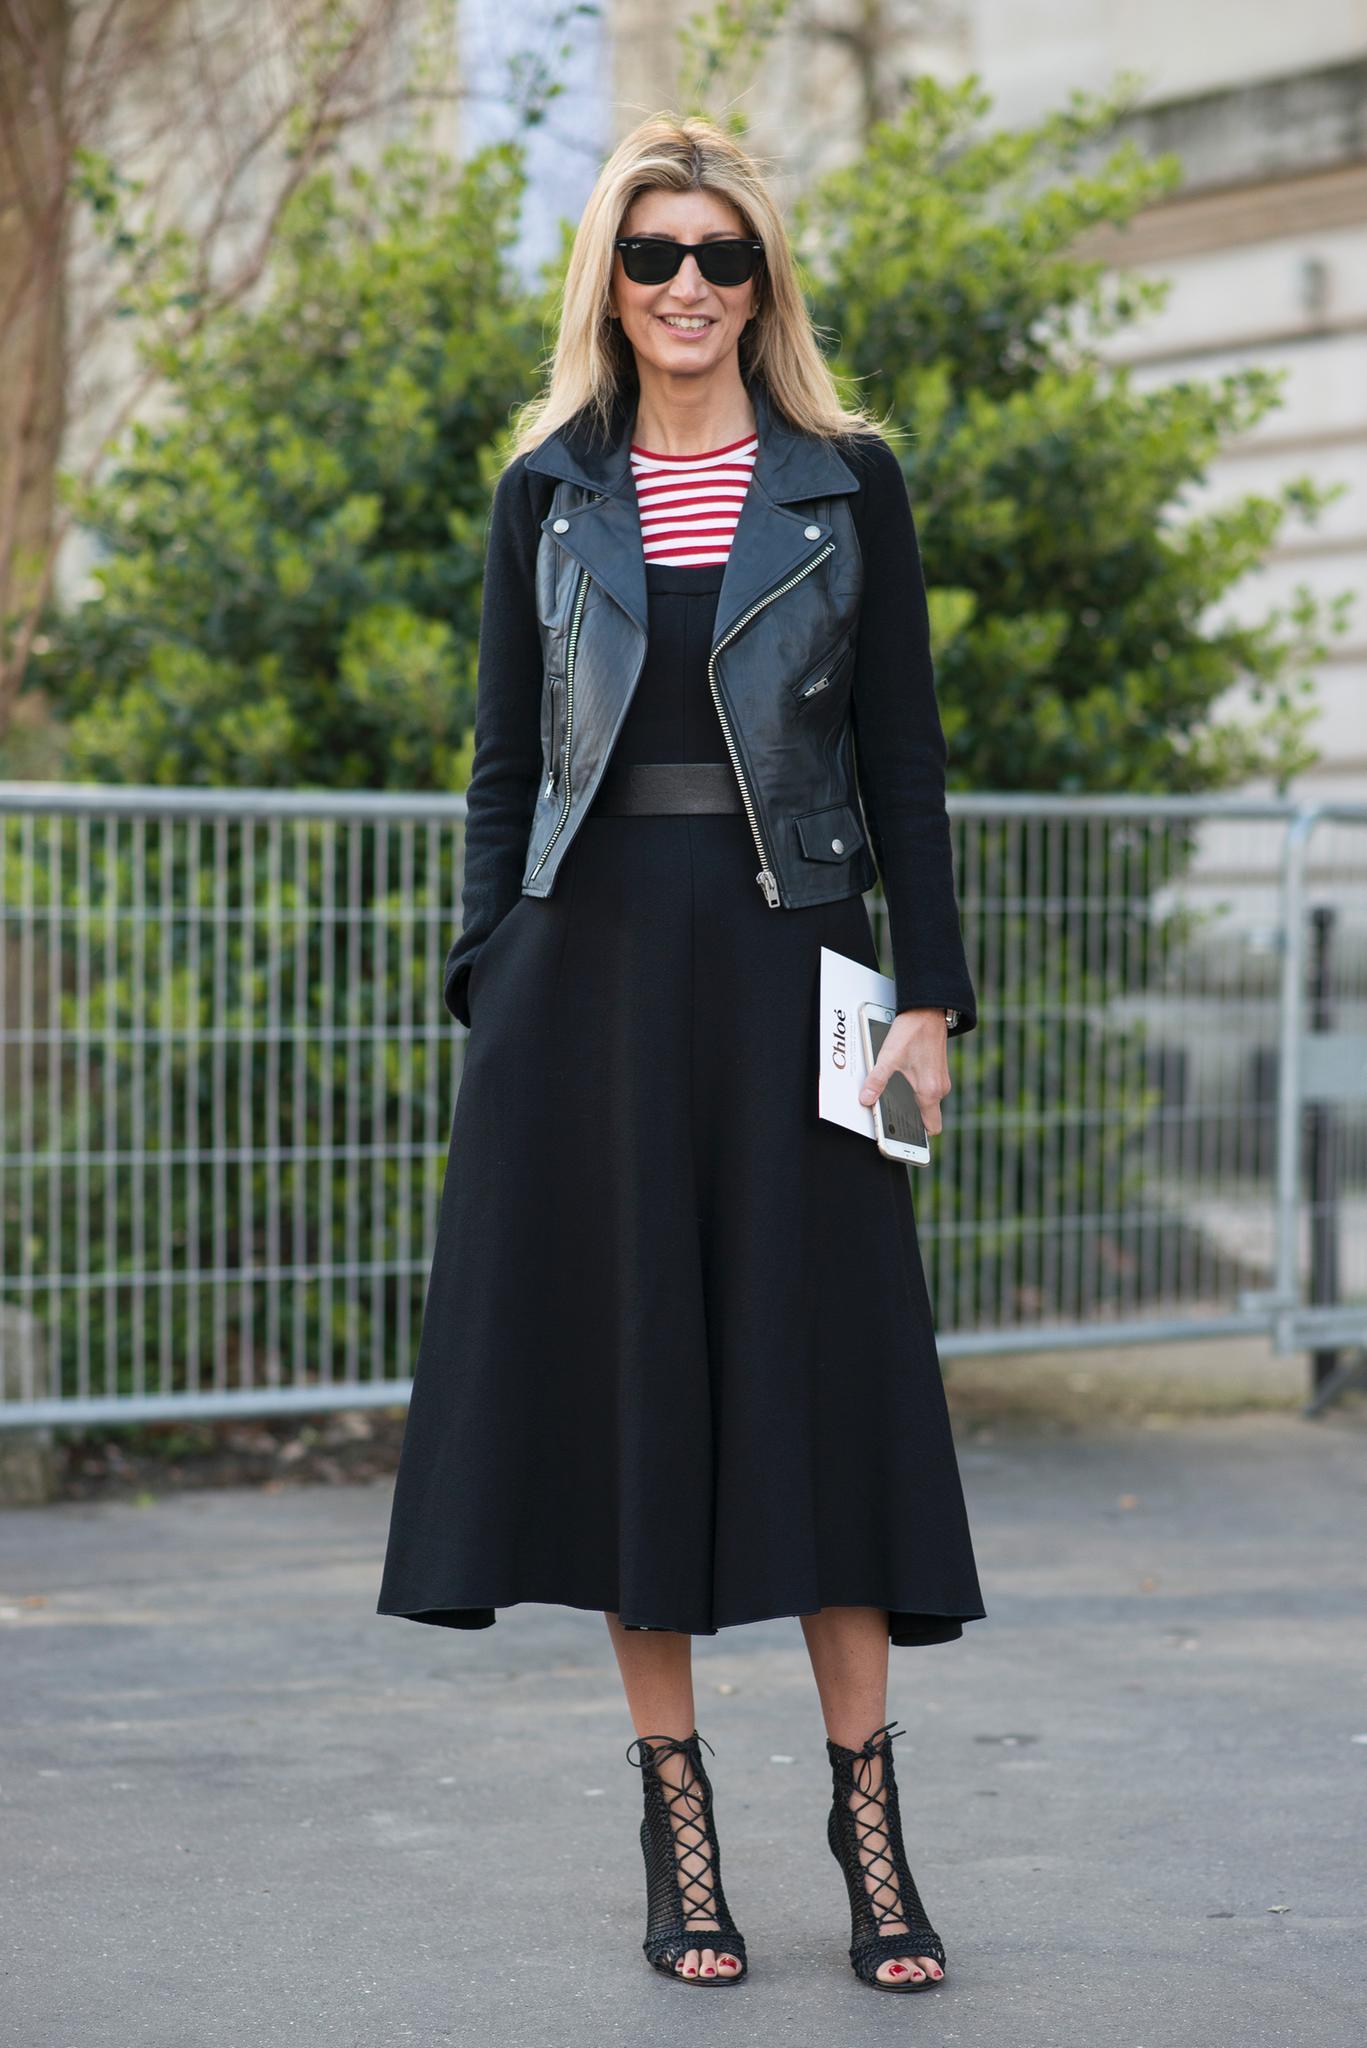 Der Blazer, der Midi-Skirt (wie in diesem Fall), der Trenchcoat oder die Lederjacke sind auffällig unauffällige Kleidungsstücke, die zeitlos schöne Eleganz transportieren und Mode Know-How signalisieren, ohne dabei mit der Tür ins Haus zu fallen. Perfekt umgesetzt auch bei diesem Look.